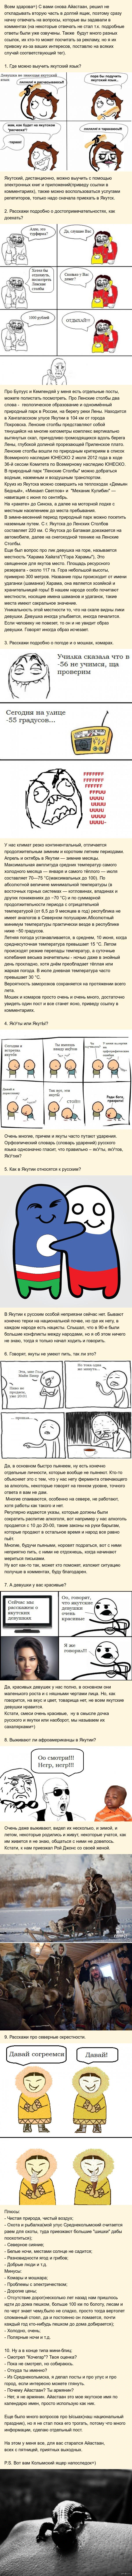 """Самые популярные вопросы о Якутии. Часть 2 Часть 1 <a href=""""http://pikabu.ru/story/samyie_populyarnyie_voprosyi_o_yakutii_3514713"""">http://pikabu.ru/story/_3514713</a>"""